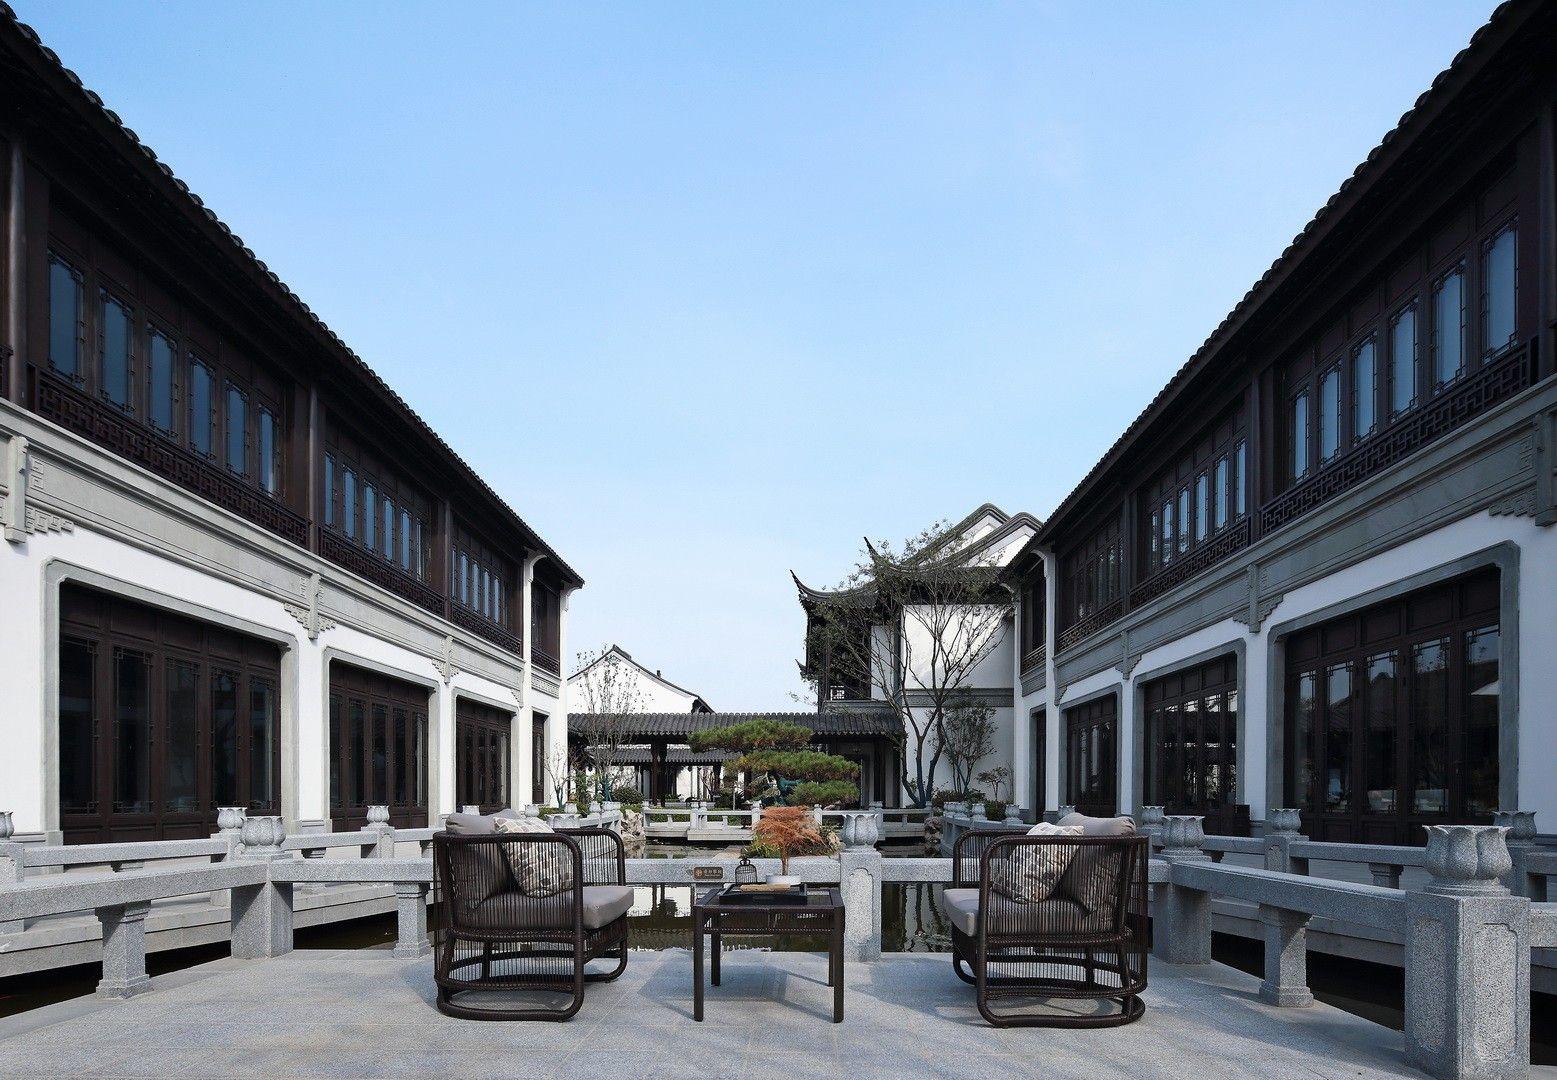 风雅新中式,山间湖畔里的市邑生活 | TRD中合深美|TRD中合深美 - 40